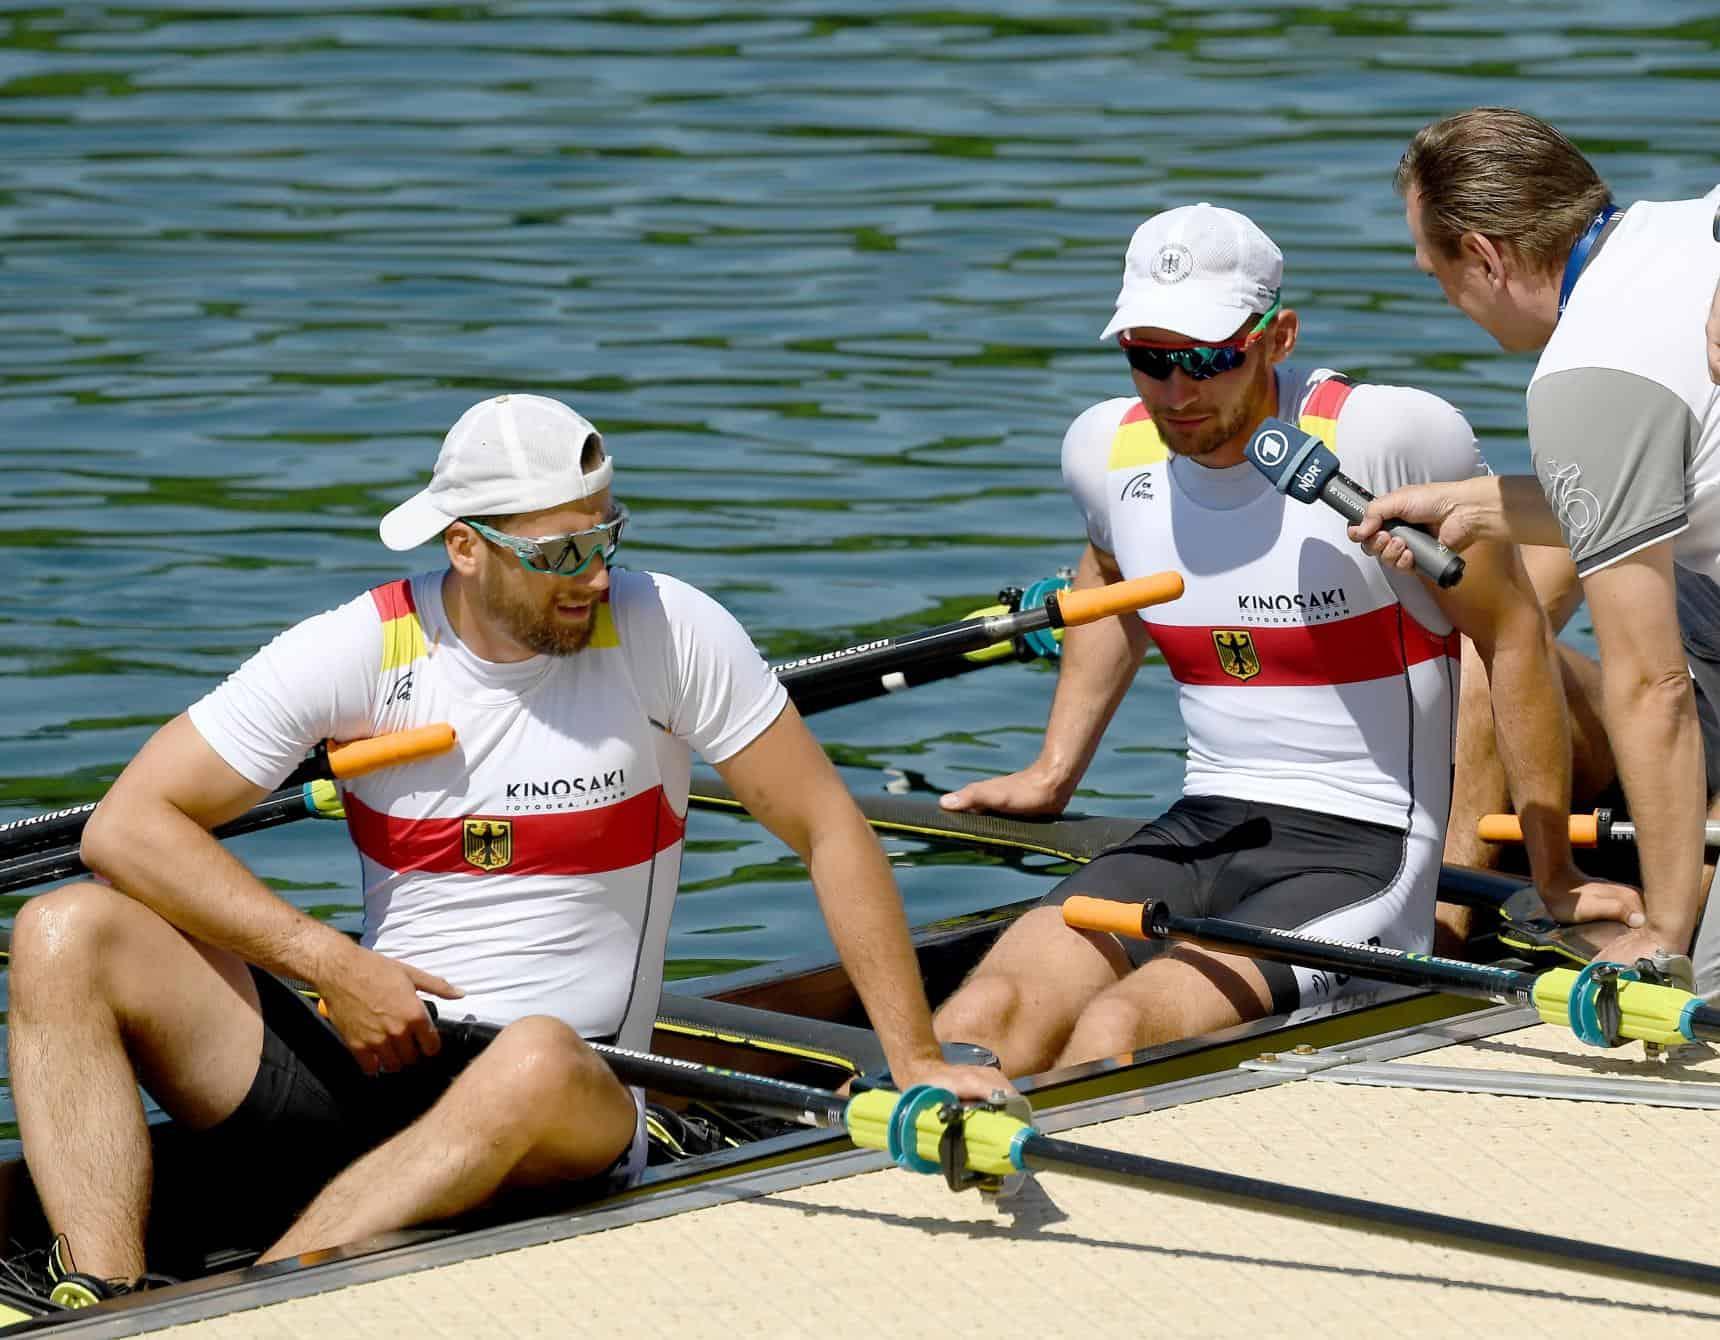 ปี ค.ศ. 2020 นักกีฬาโอลิมปิกจากยุโรปมาซ้อมพายเรือกันที่ Maruyama River